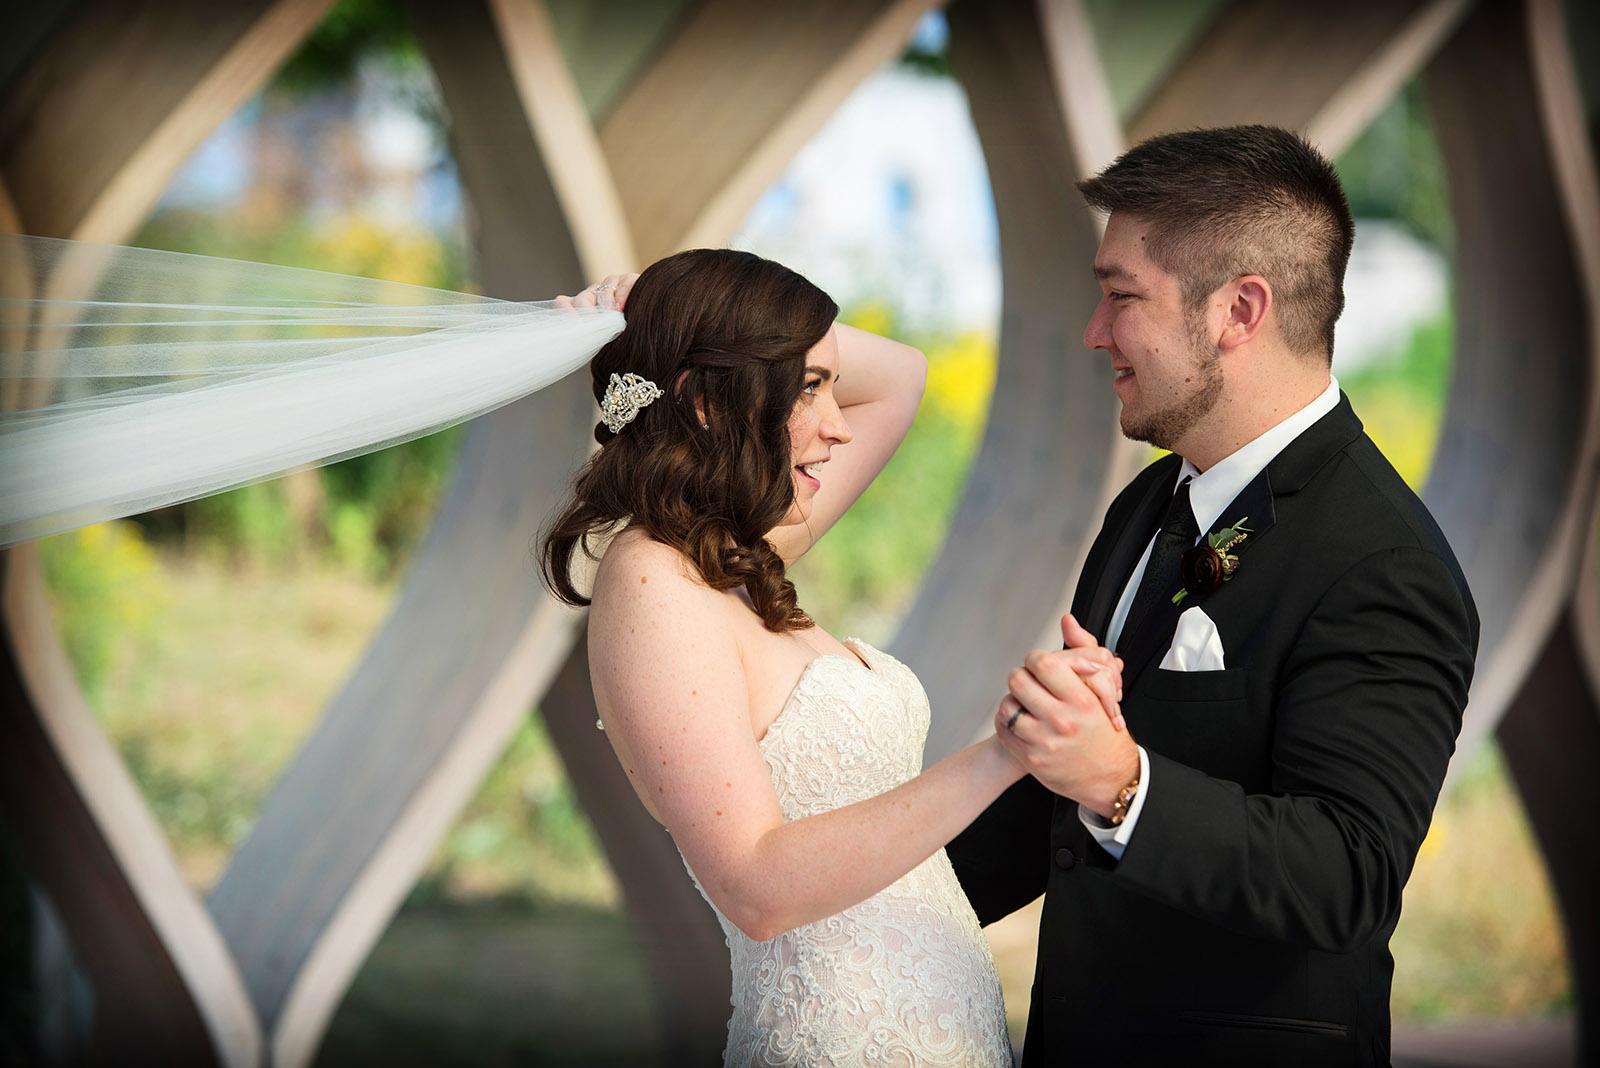 Bride veil being pulled